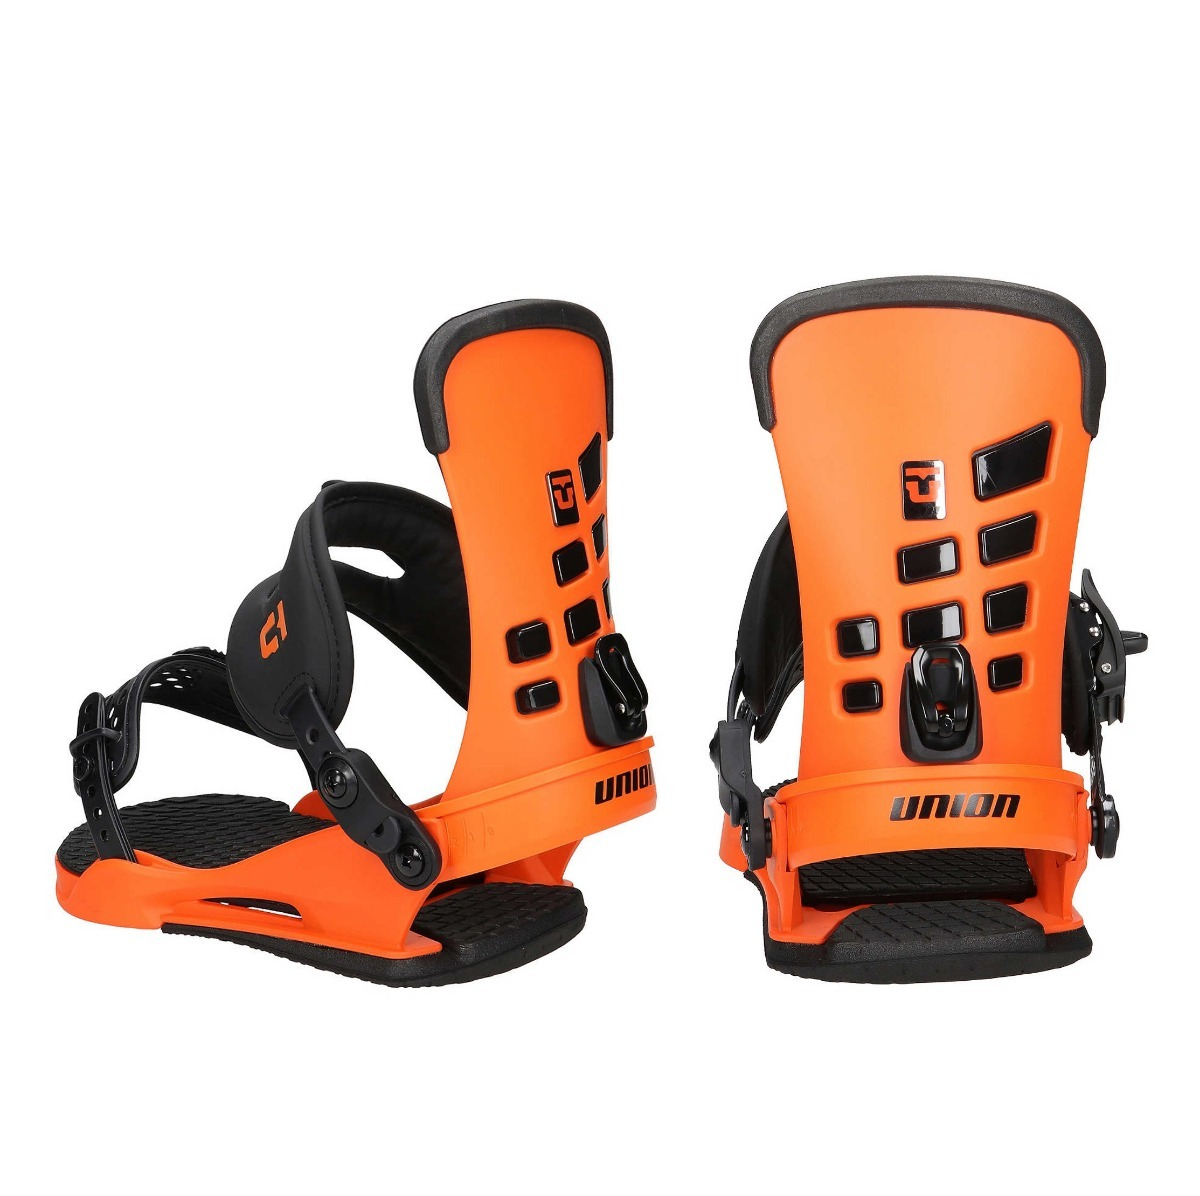 Union STR Fijaciones para Tabla de Snowboard para Hombre